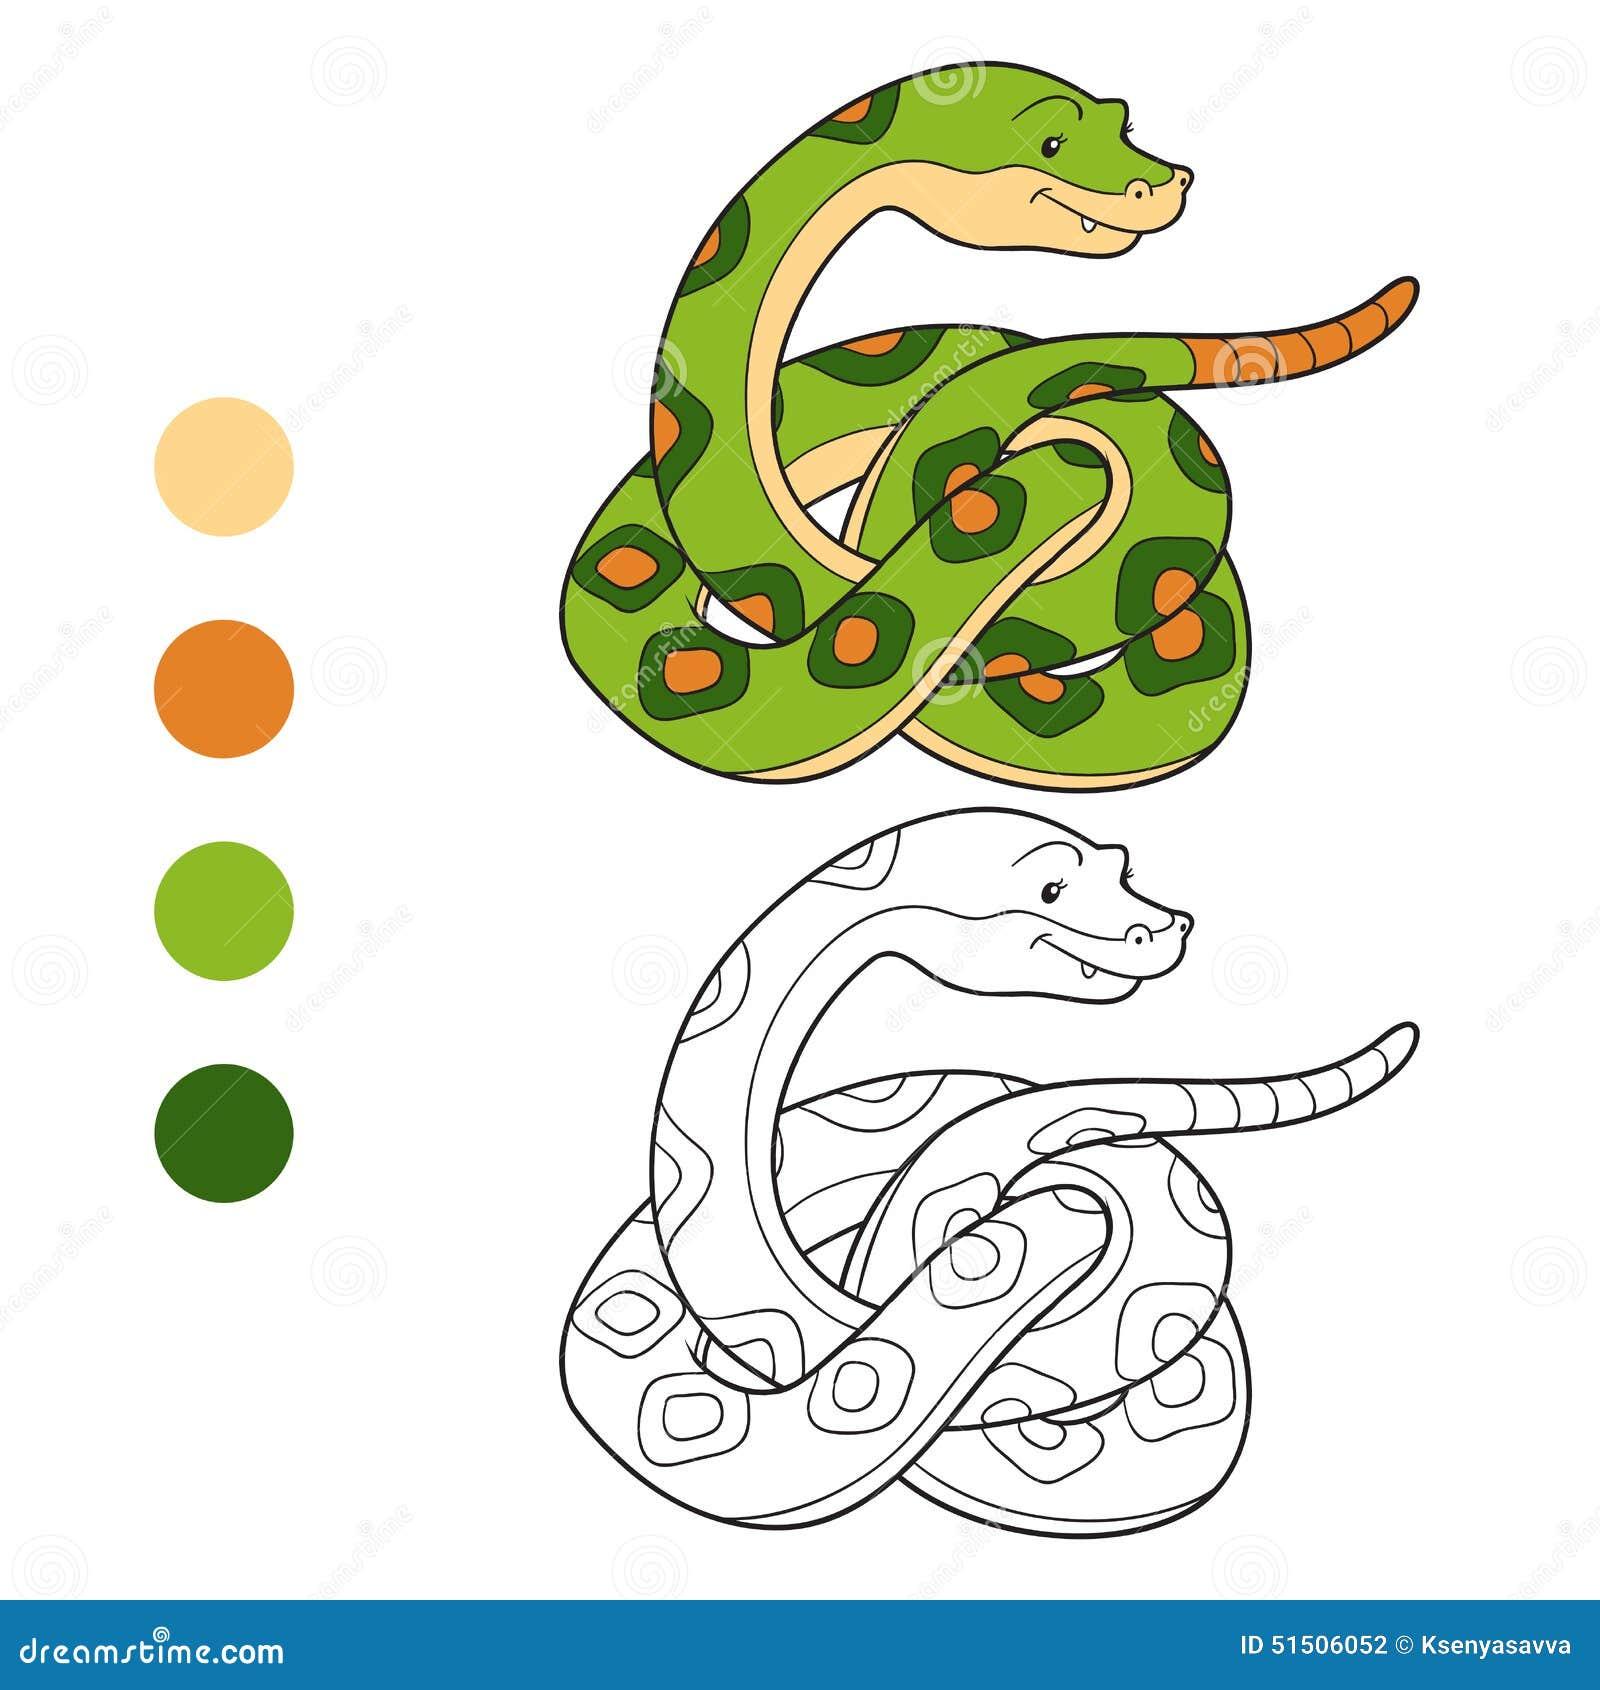 Coloriage Animaux Serpent.Livre De Coloriage Serpent Illustration De Vecteur Illustration